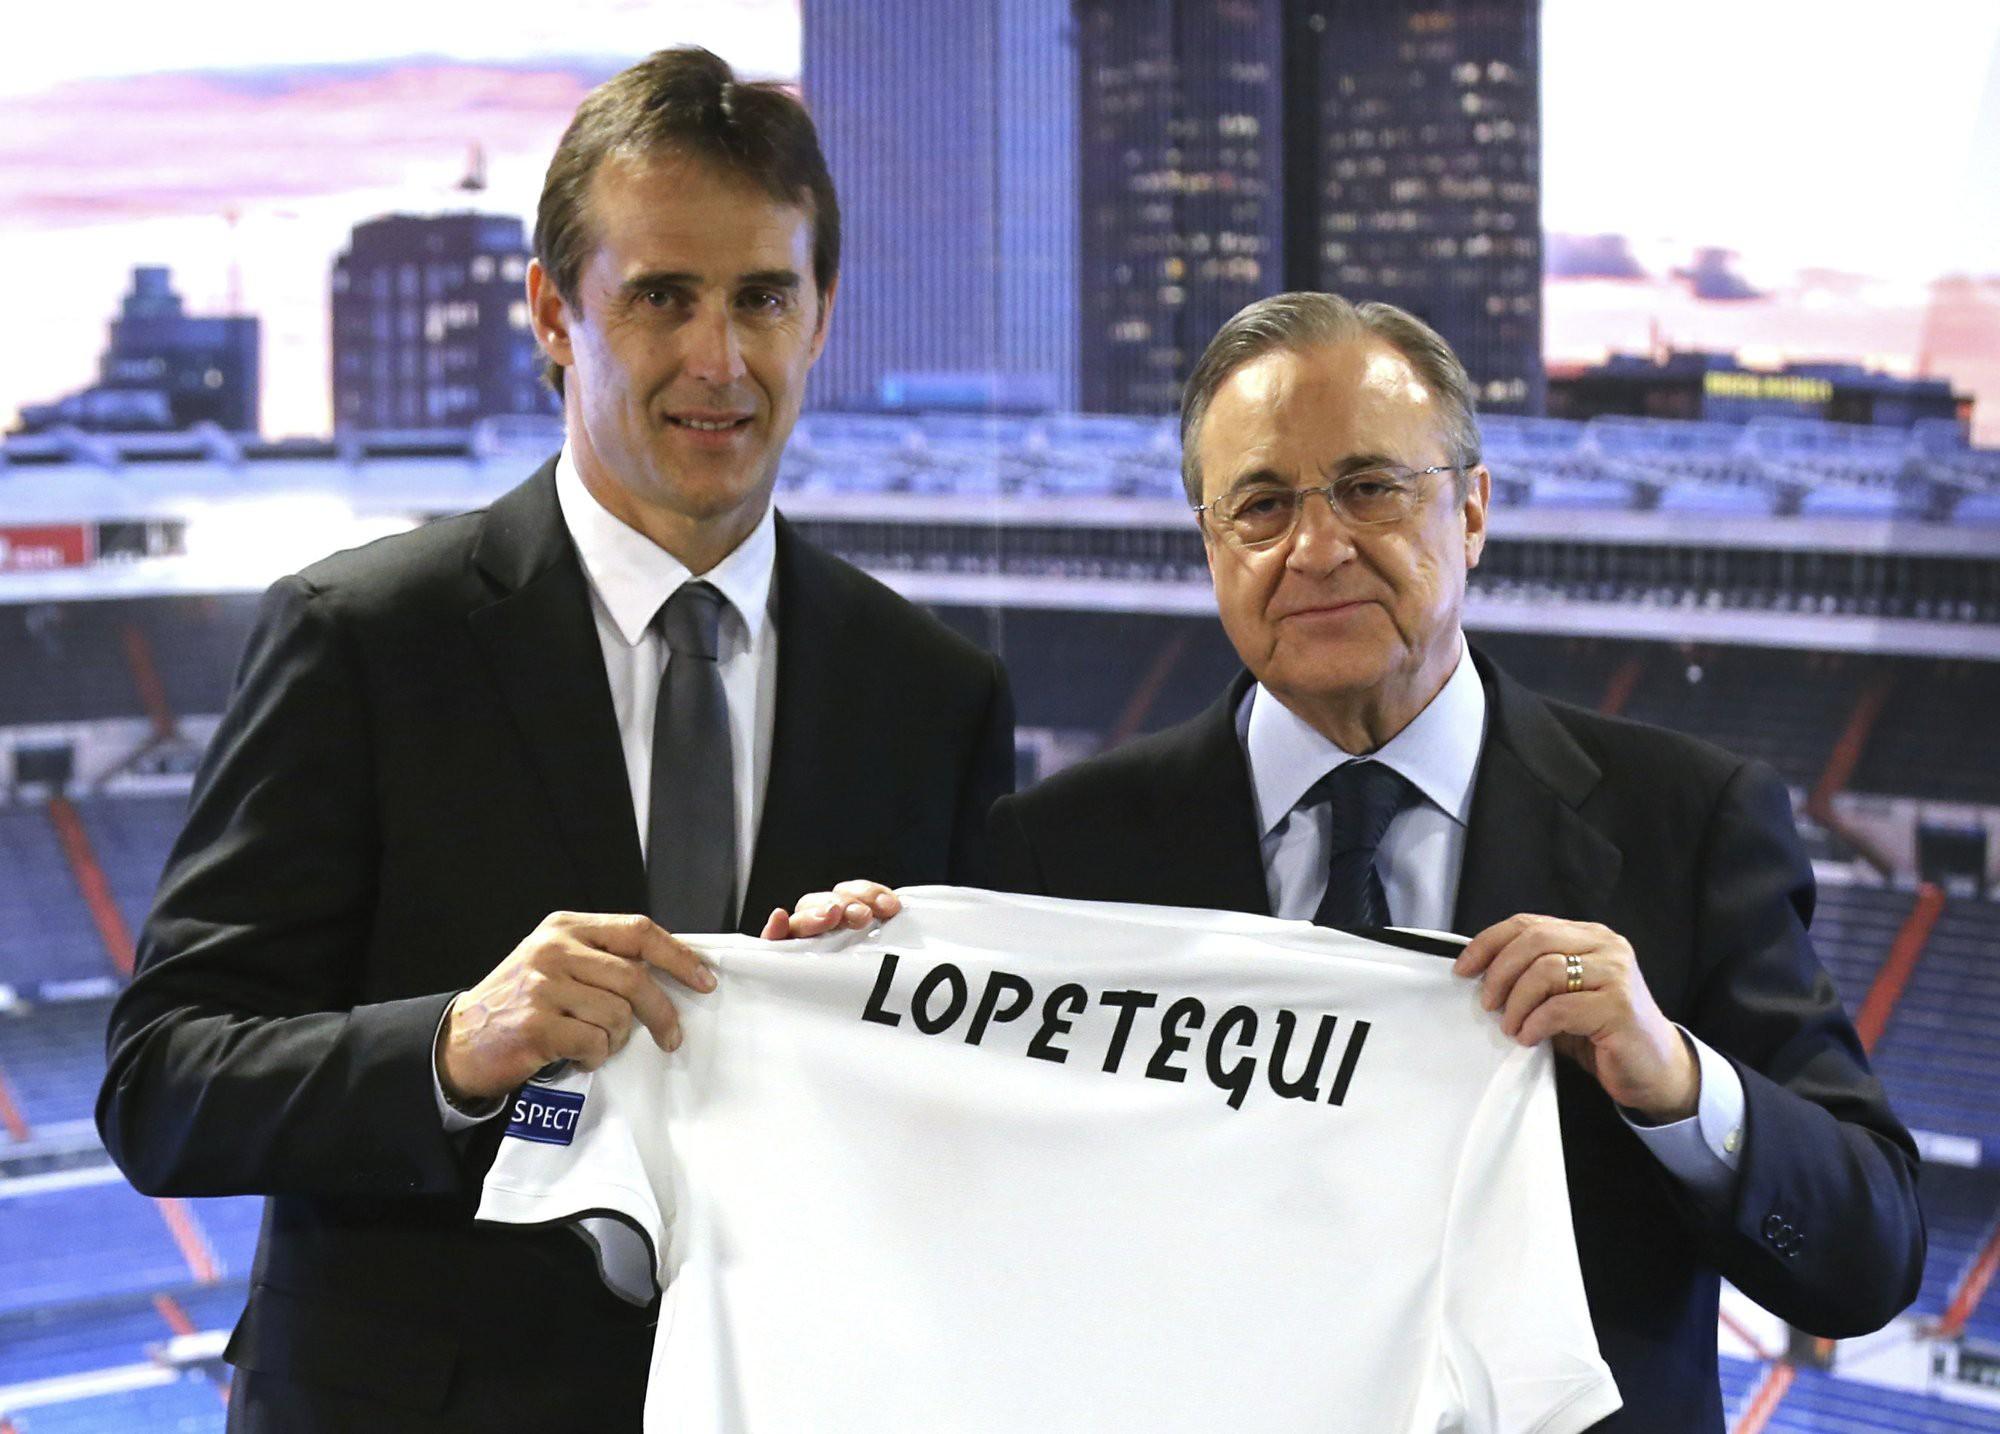 BLĐ Real Madrid họp khẩn cấp để sa thải HLV Lopetegui? - Ảnh 3.